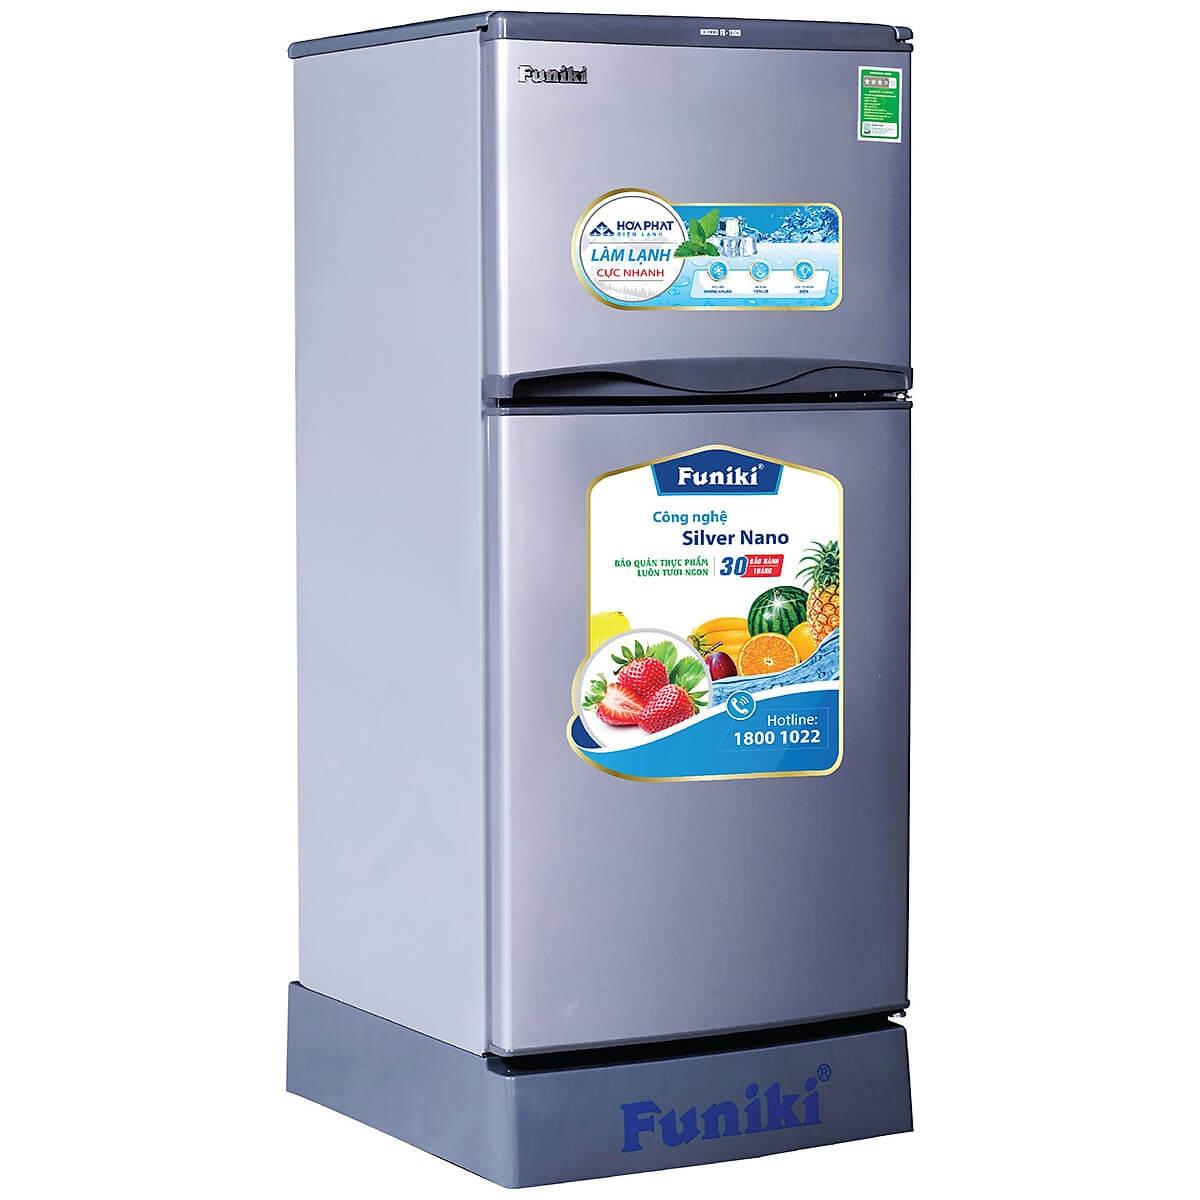 Tủ Lạnh Funiki Hòa Phát FR-135CD 130 Lít